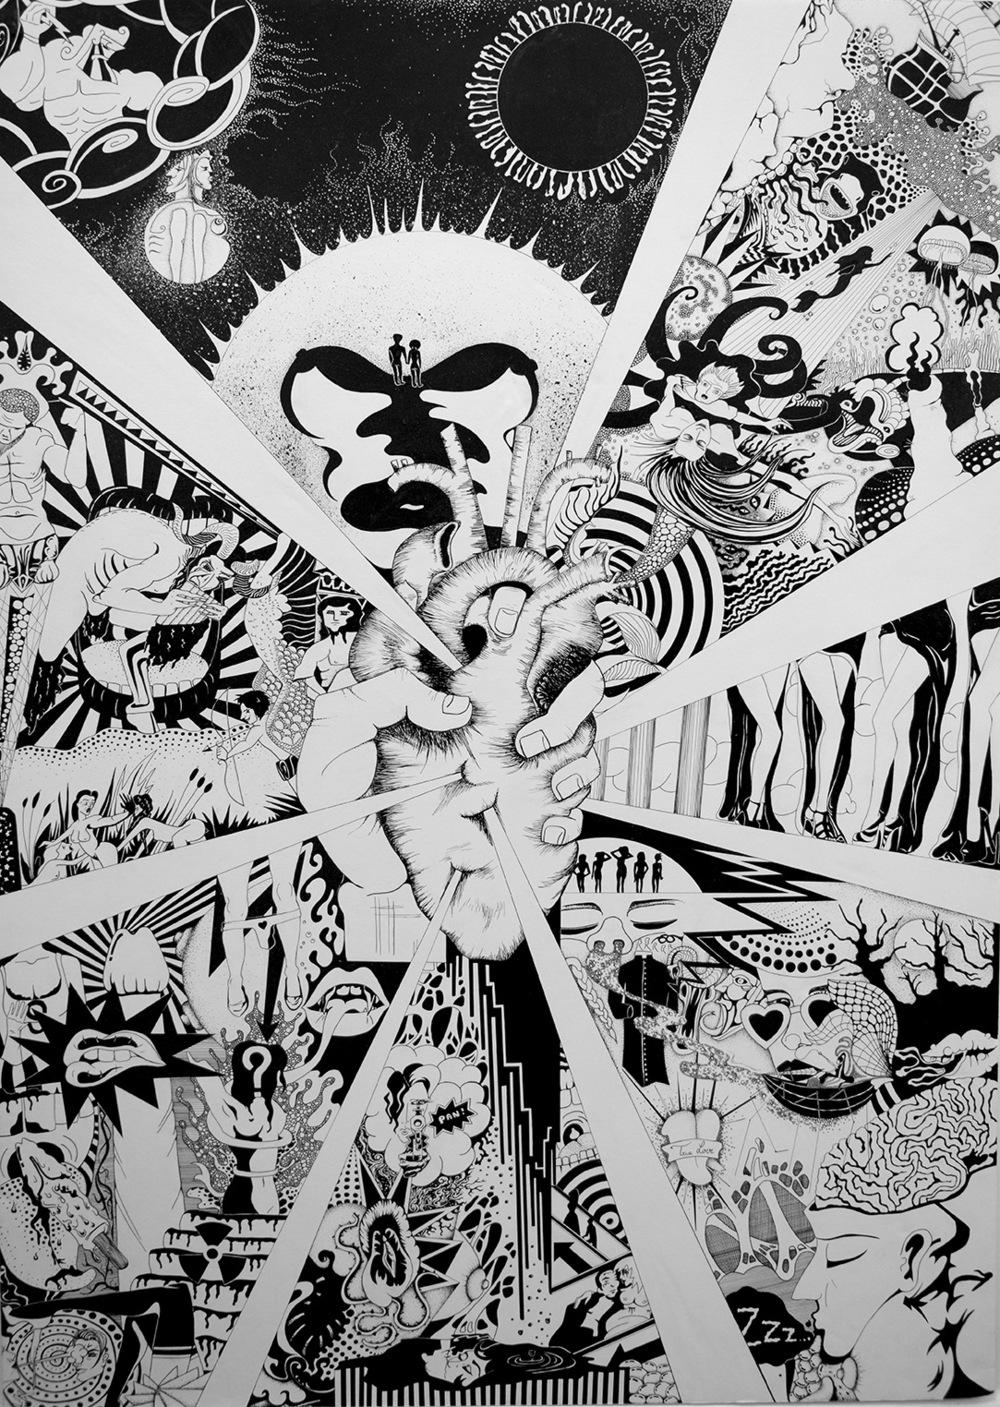 Léa Barrier - Pan Chaos, encre sur carton plume, 100x70cm.